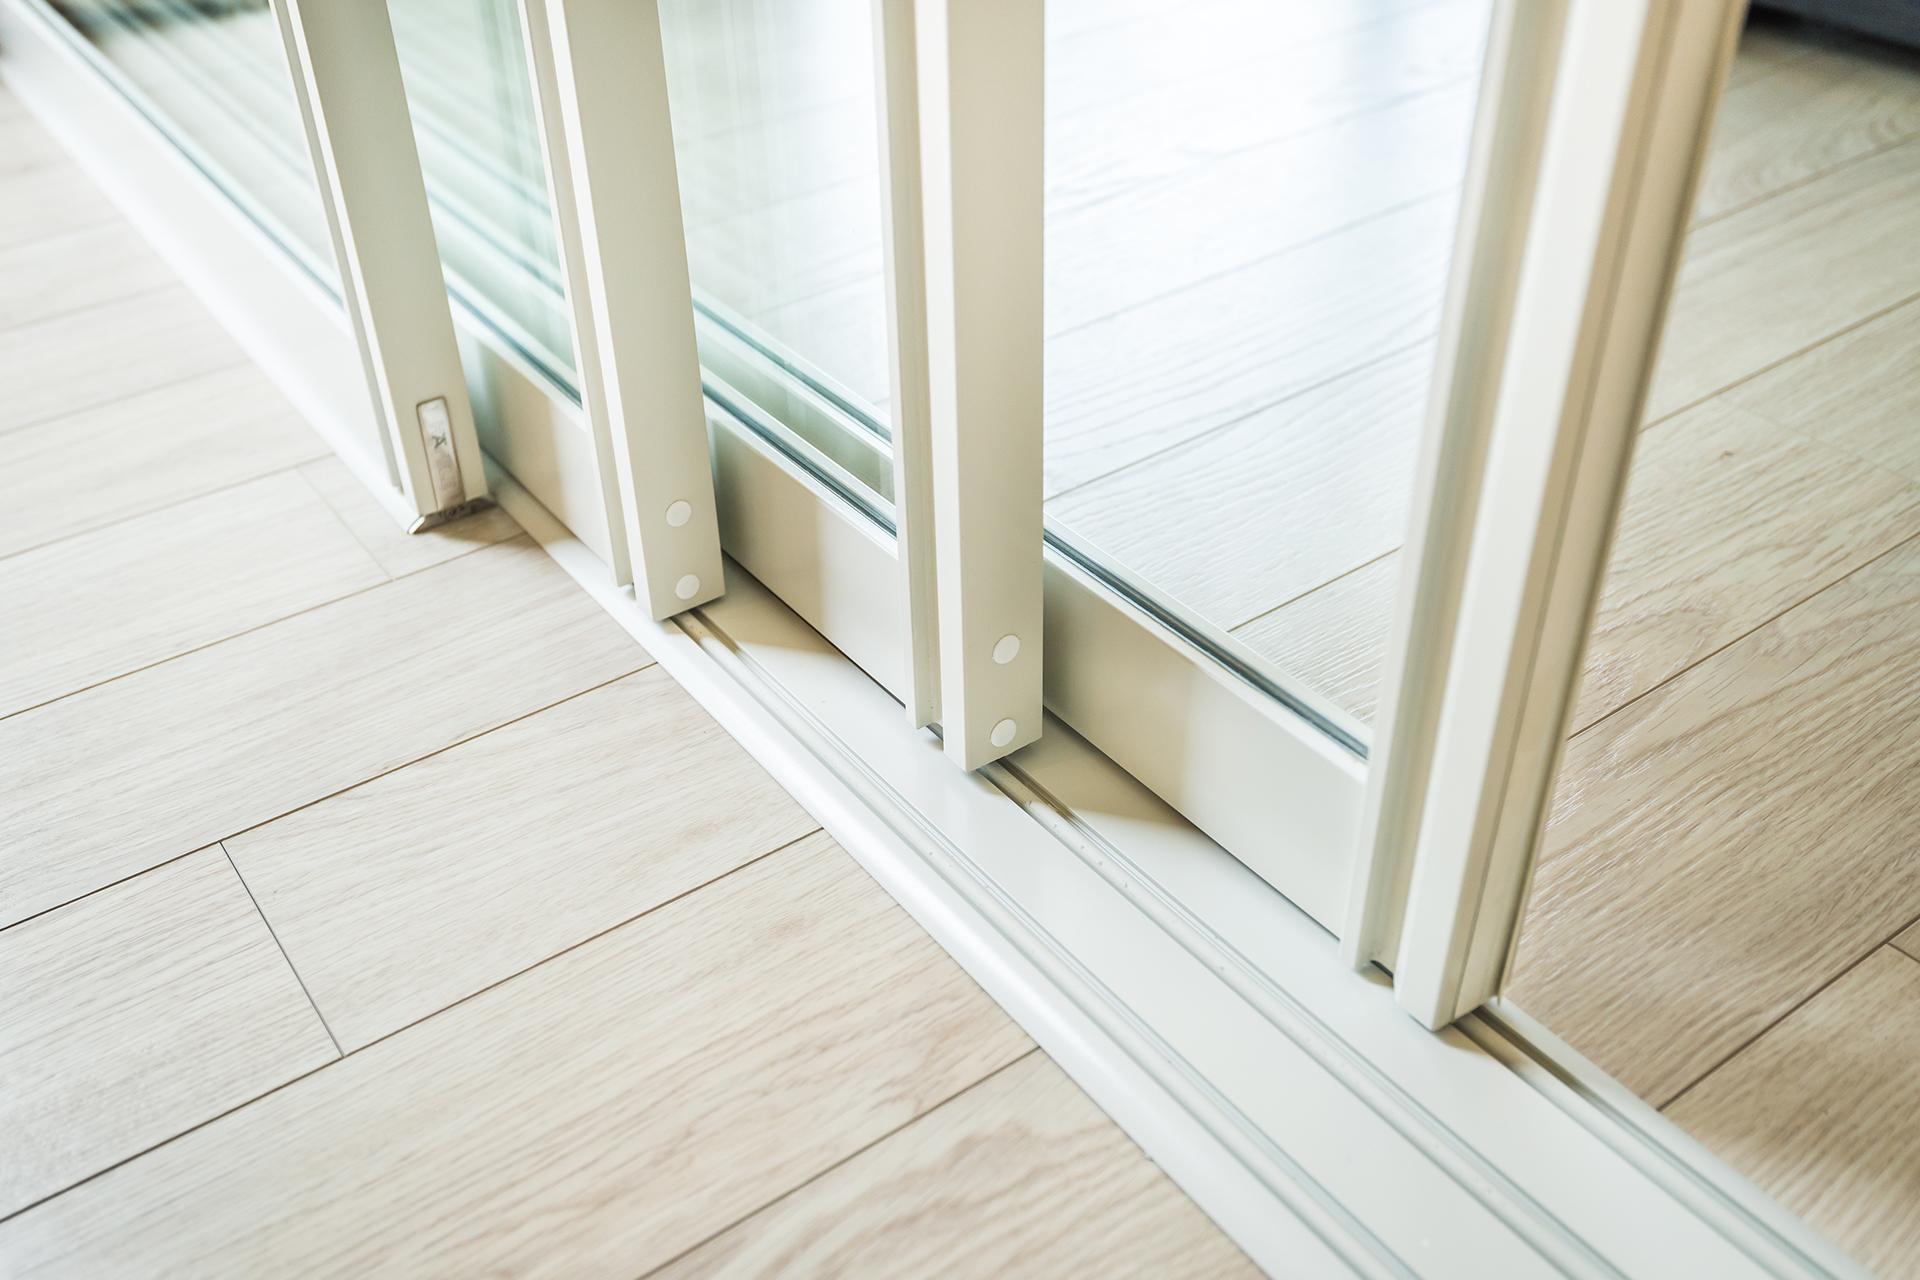 Rieser-Fenster Schiebetuer Kunststoff